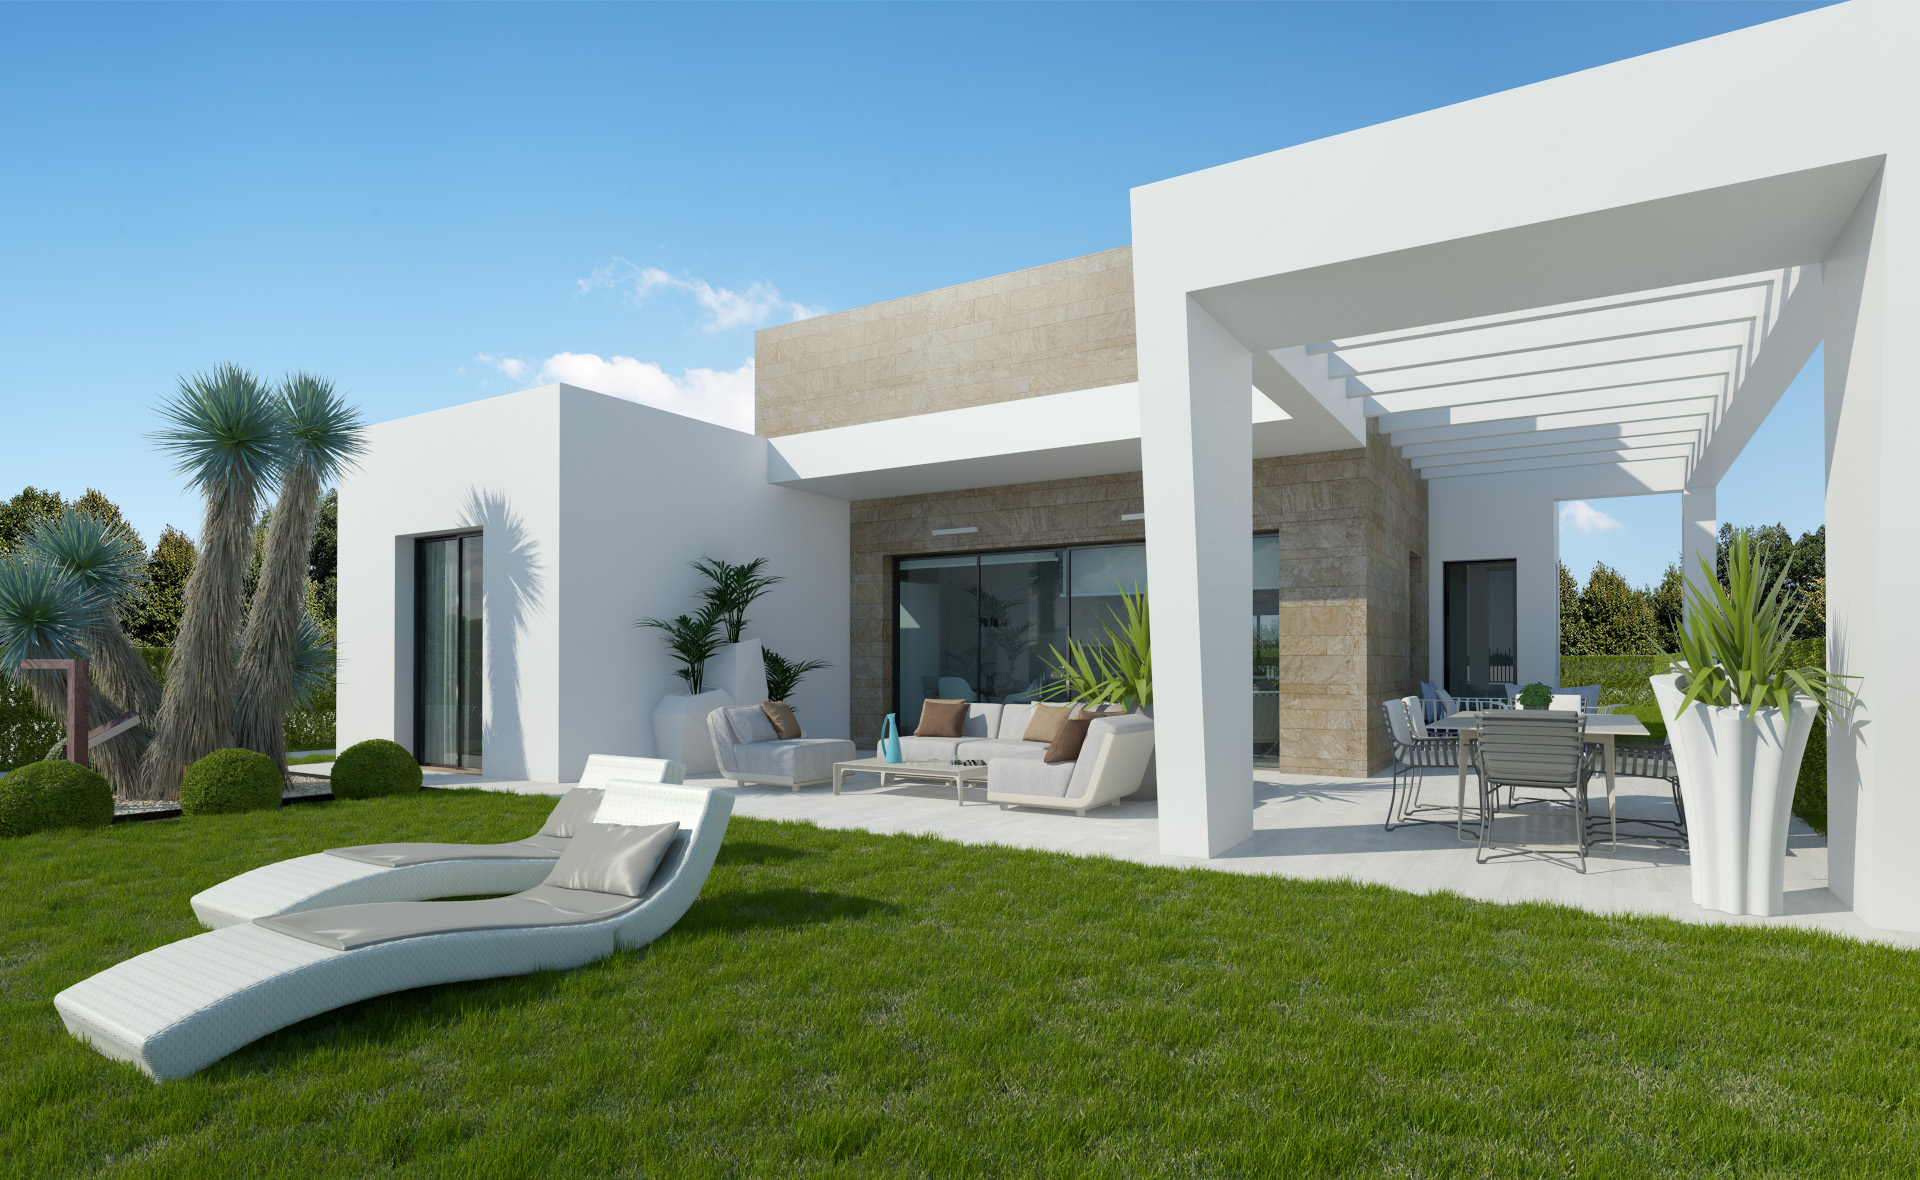 moderne villa op golfresort algorfa te koop spanje specials. Black Bedroom Furniture Sets. Home Design Ideas